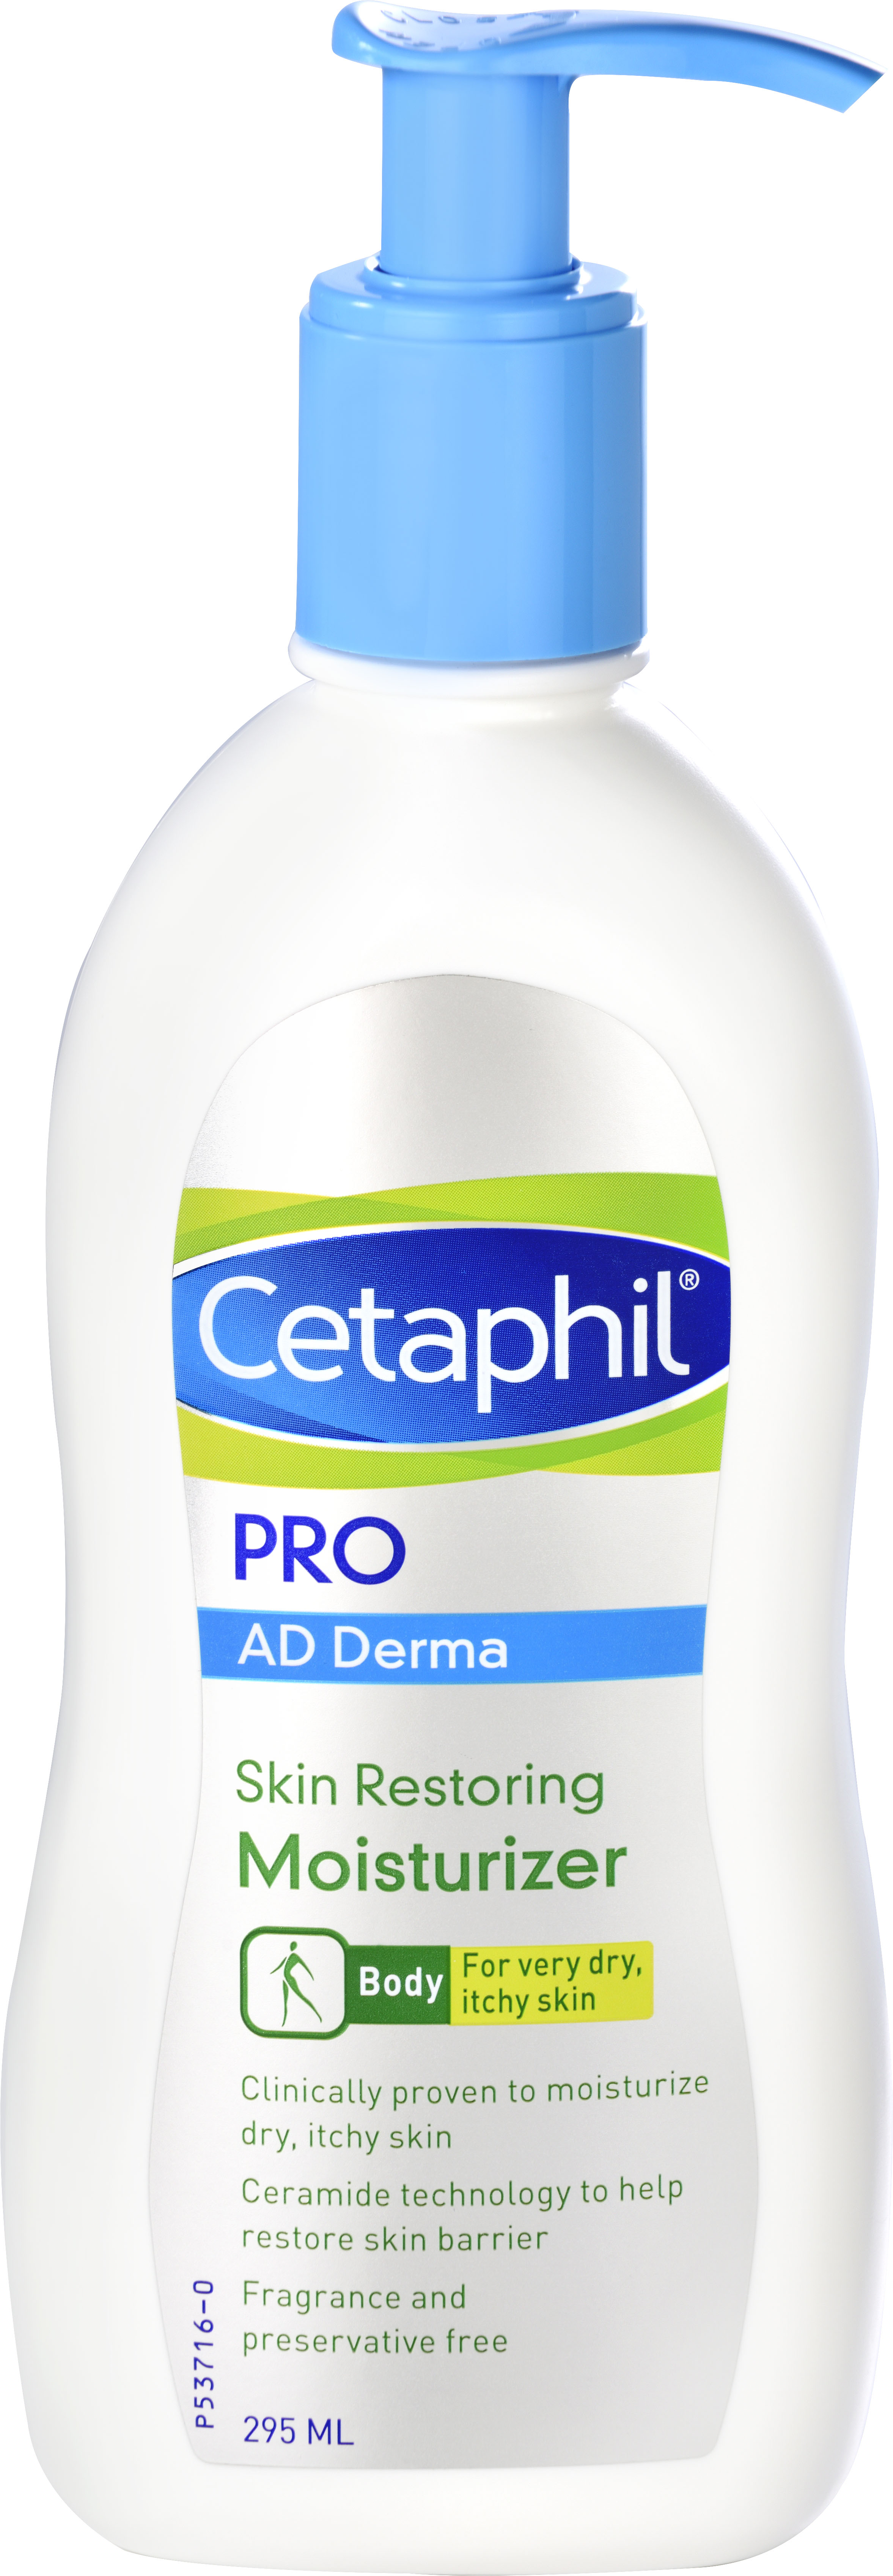 【2入組】舒特膚-AD益膚康修護滋養乳液295ML-PRO【美十樂藥妝保健】